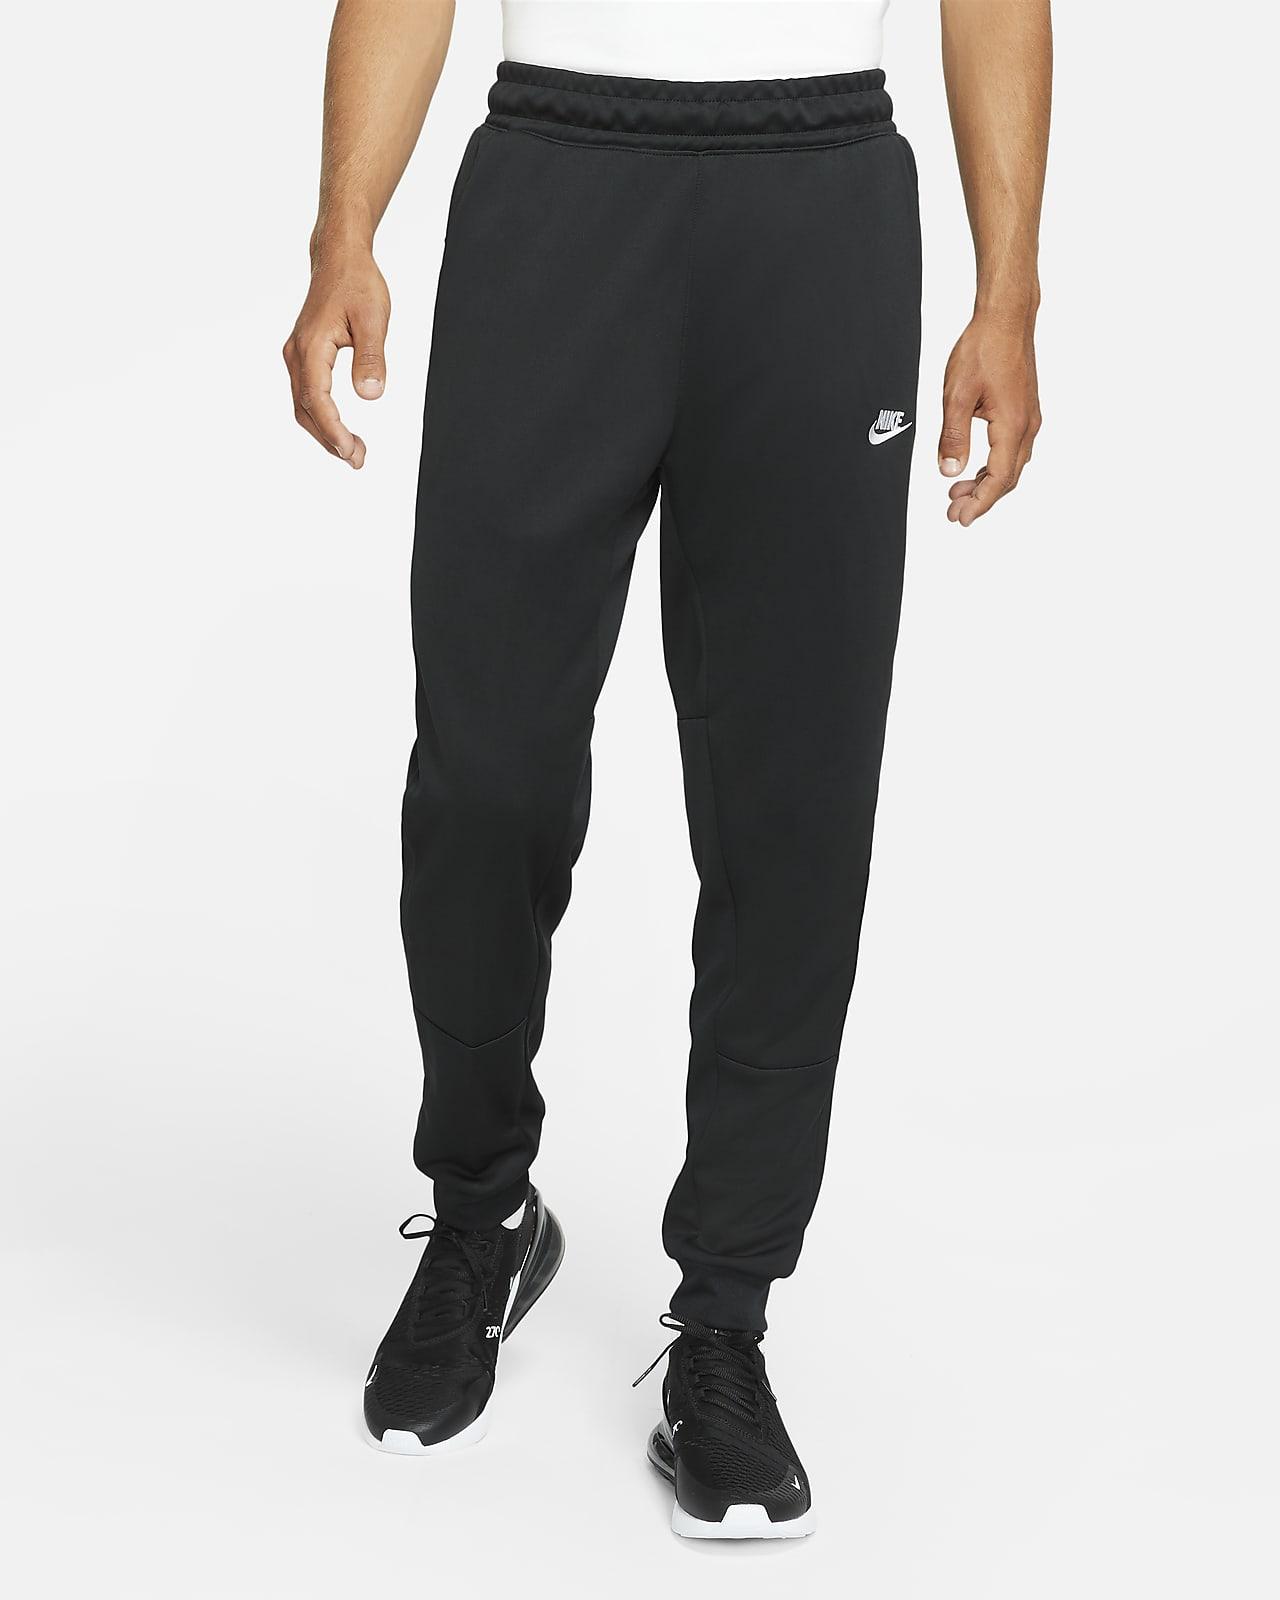 Pánské běžecké kalhoty Nike Sportswear Tribute